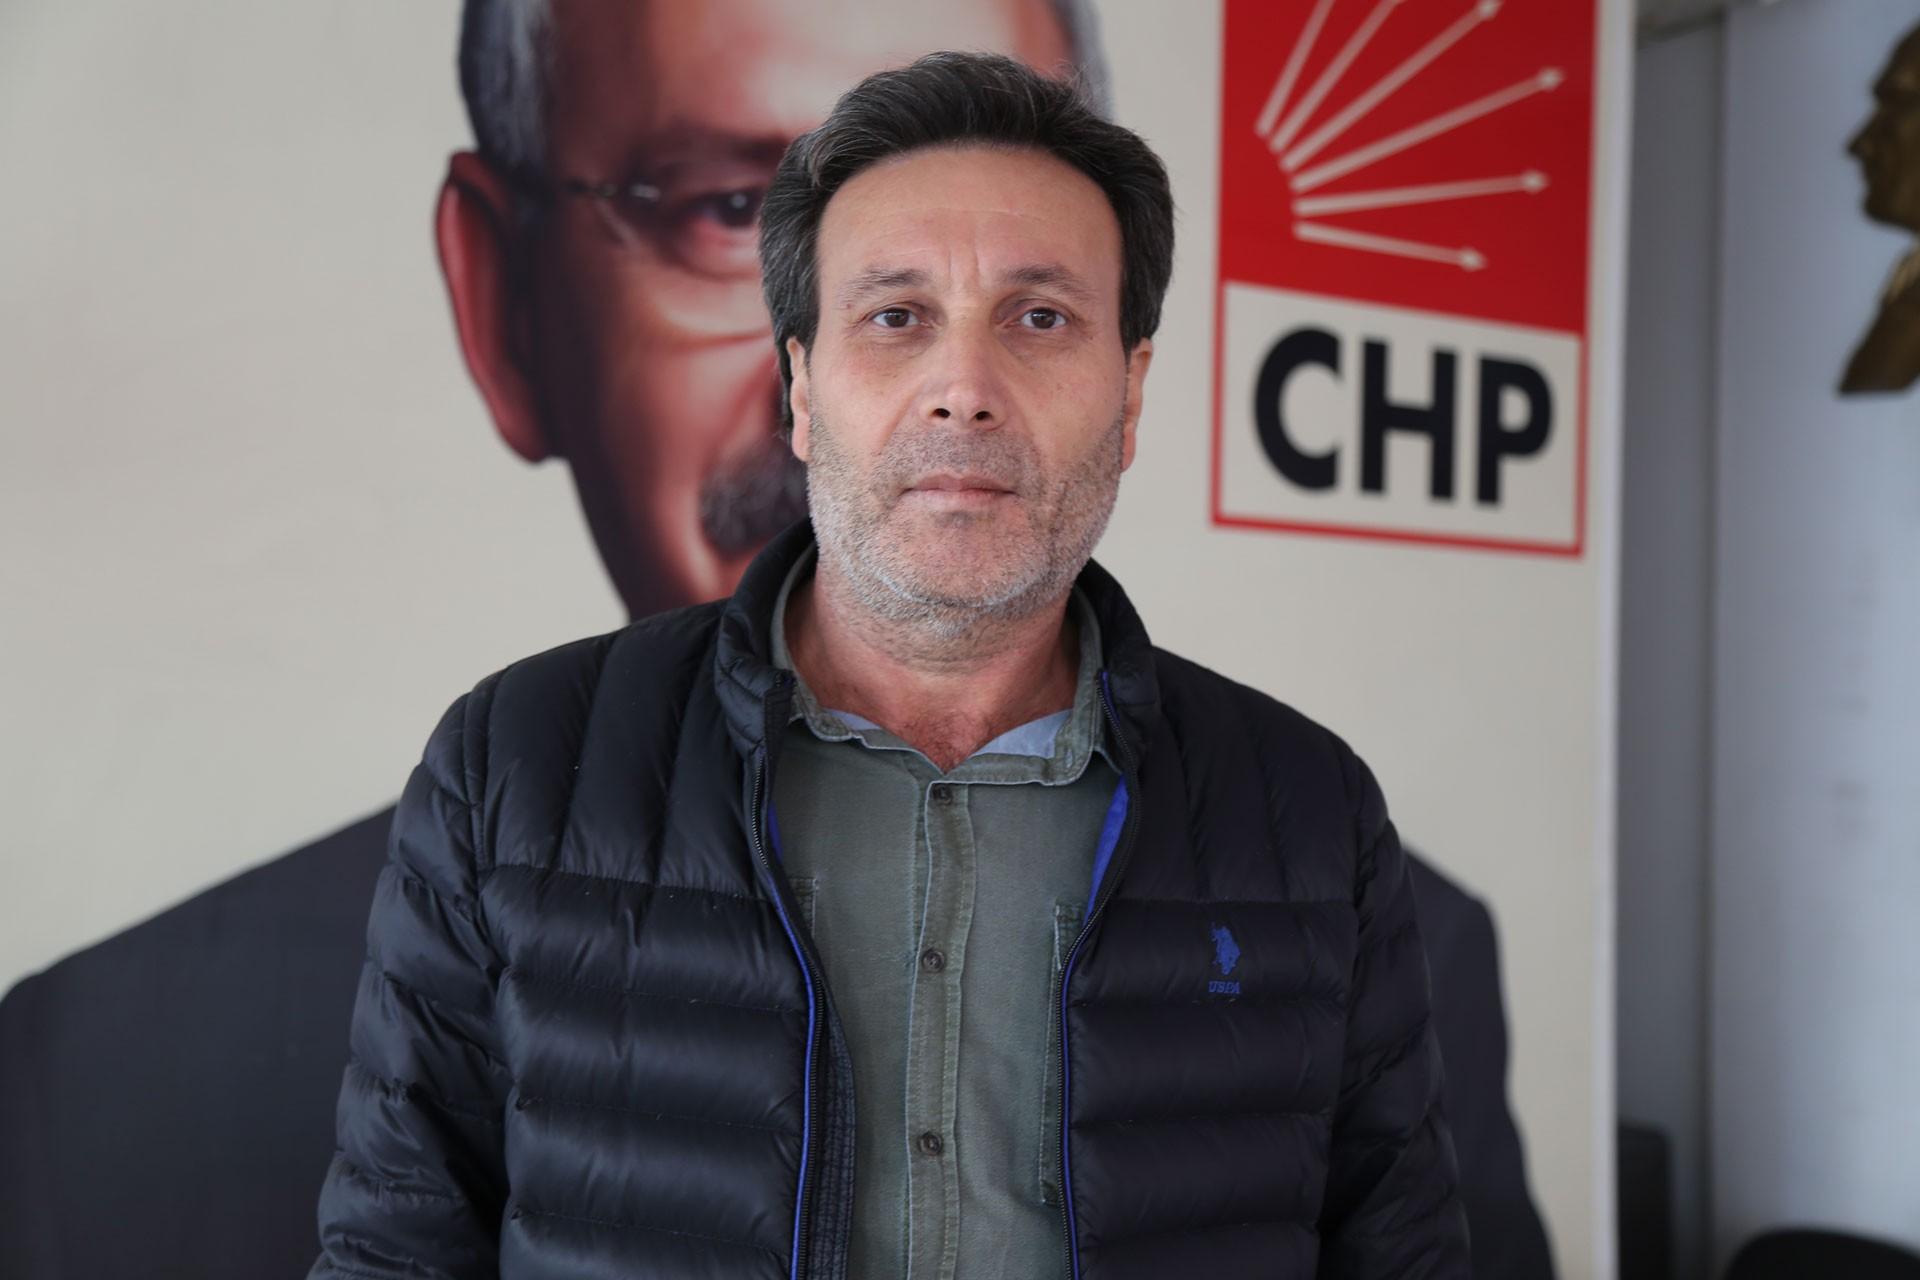 CHP Nizip İlçe Başkanı Haluk Kahraman